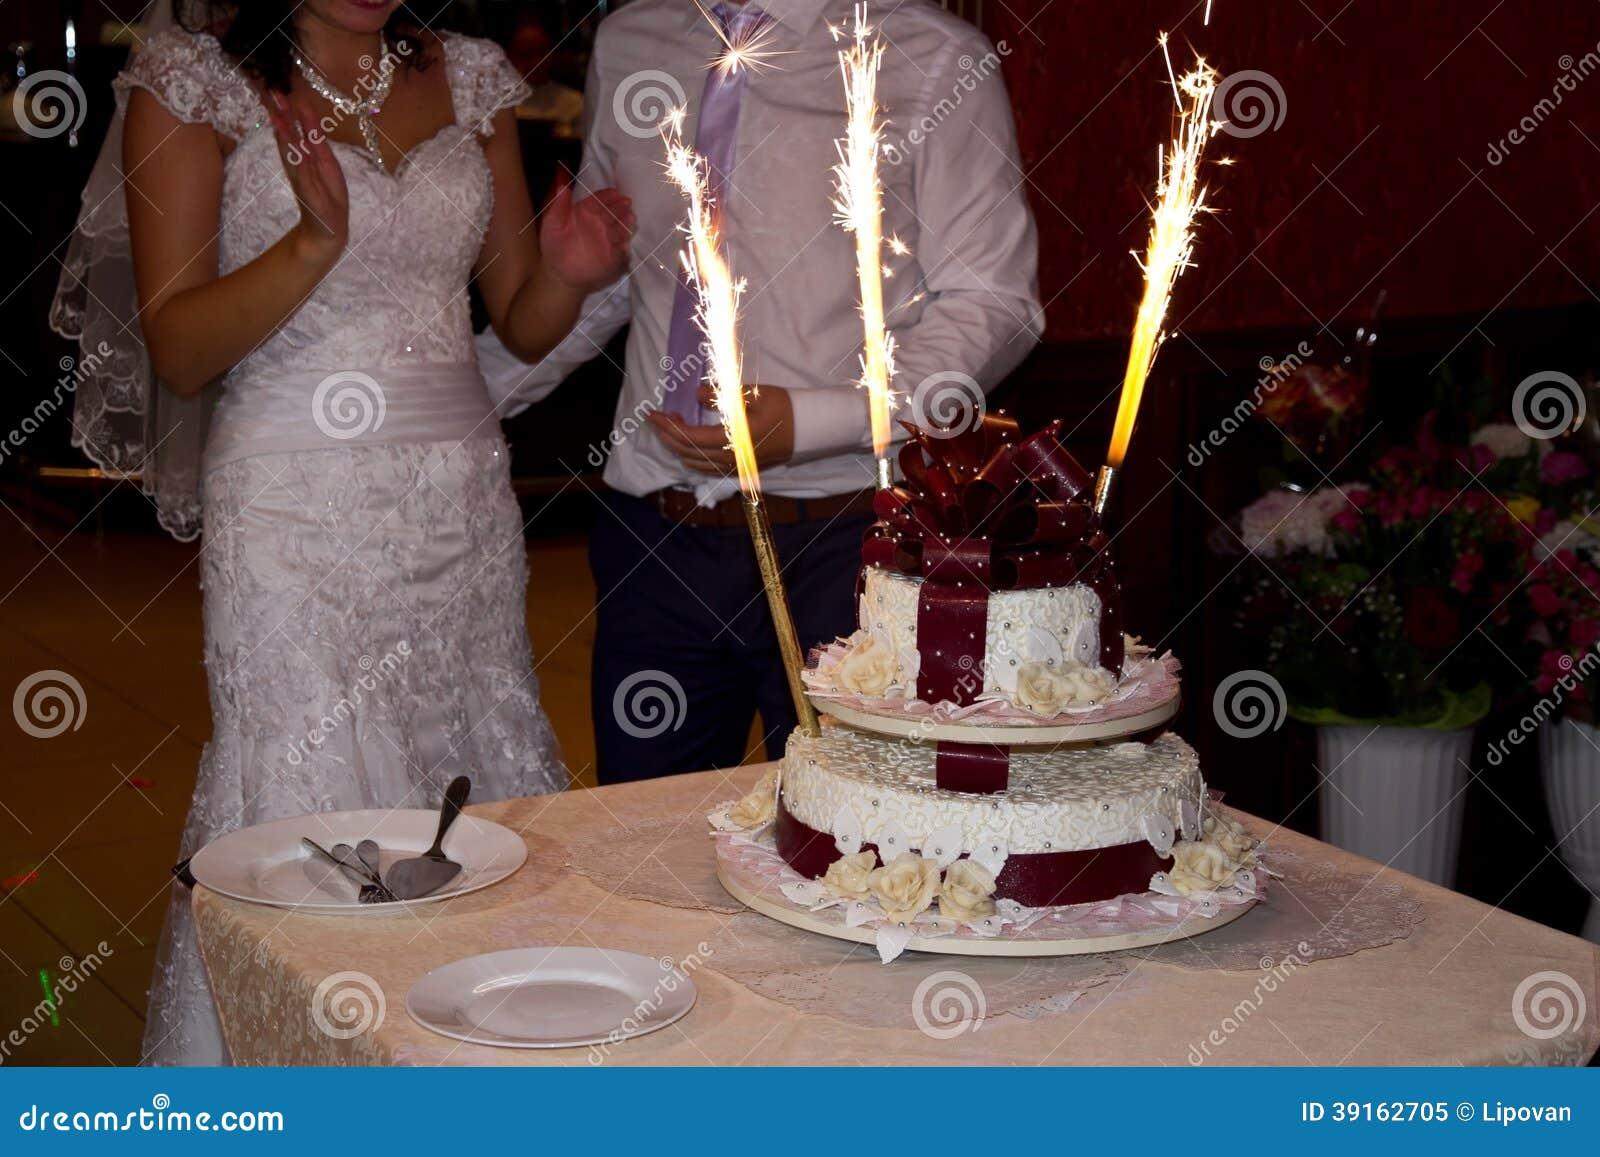 gteau de mariage avec des cierges magiques - Cierges Magiques Mariage